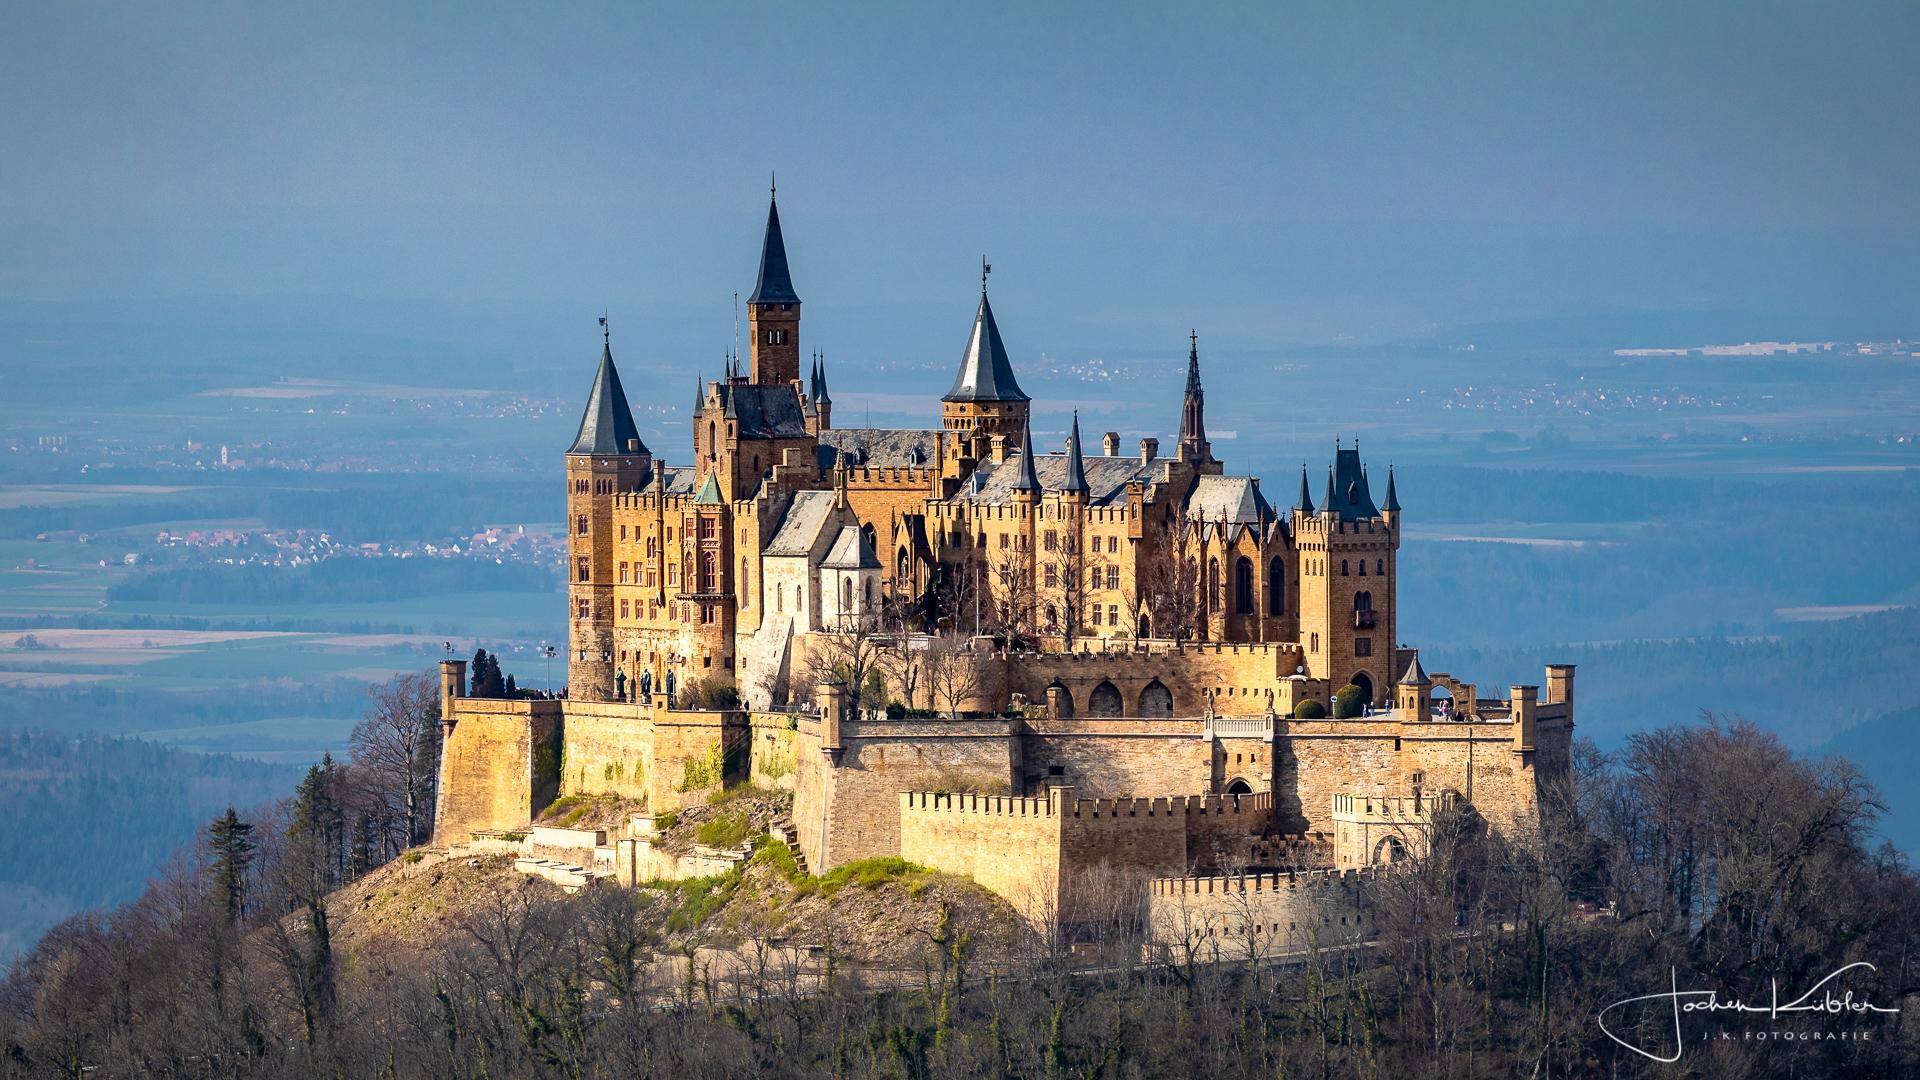 Burg Hohenzollern Foto Bild Architektur Deutschland Europe Bilder Auf Fotocommunity